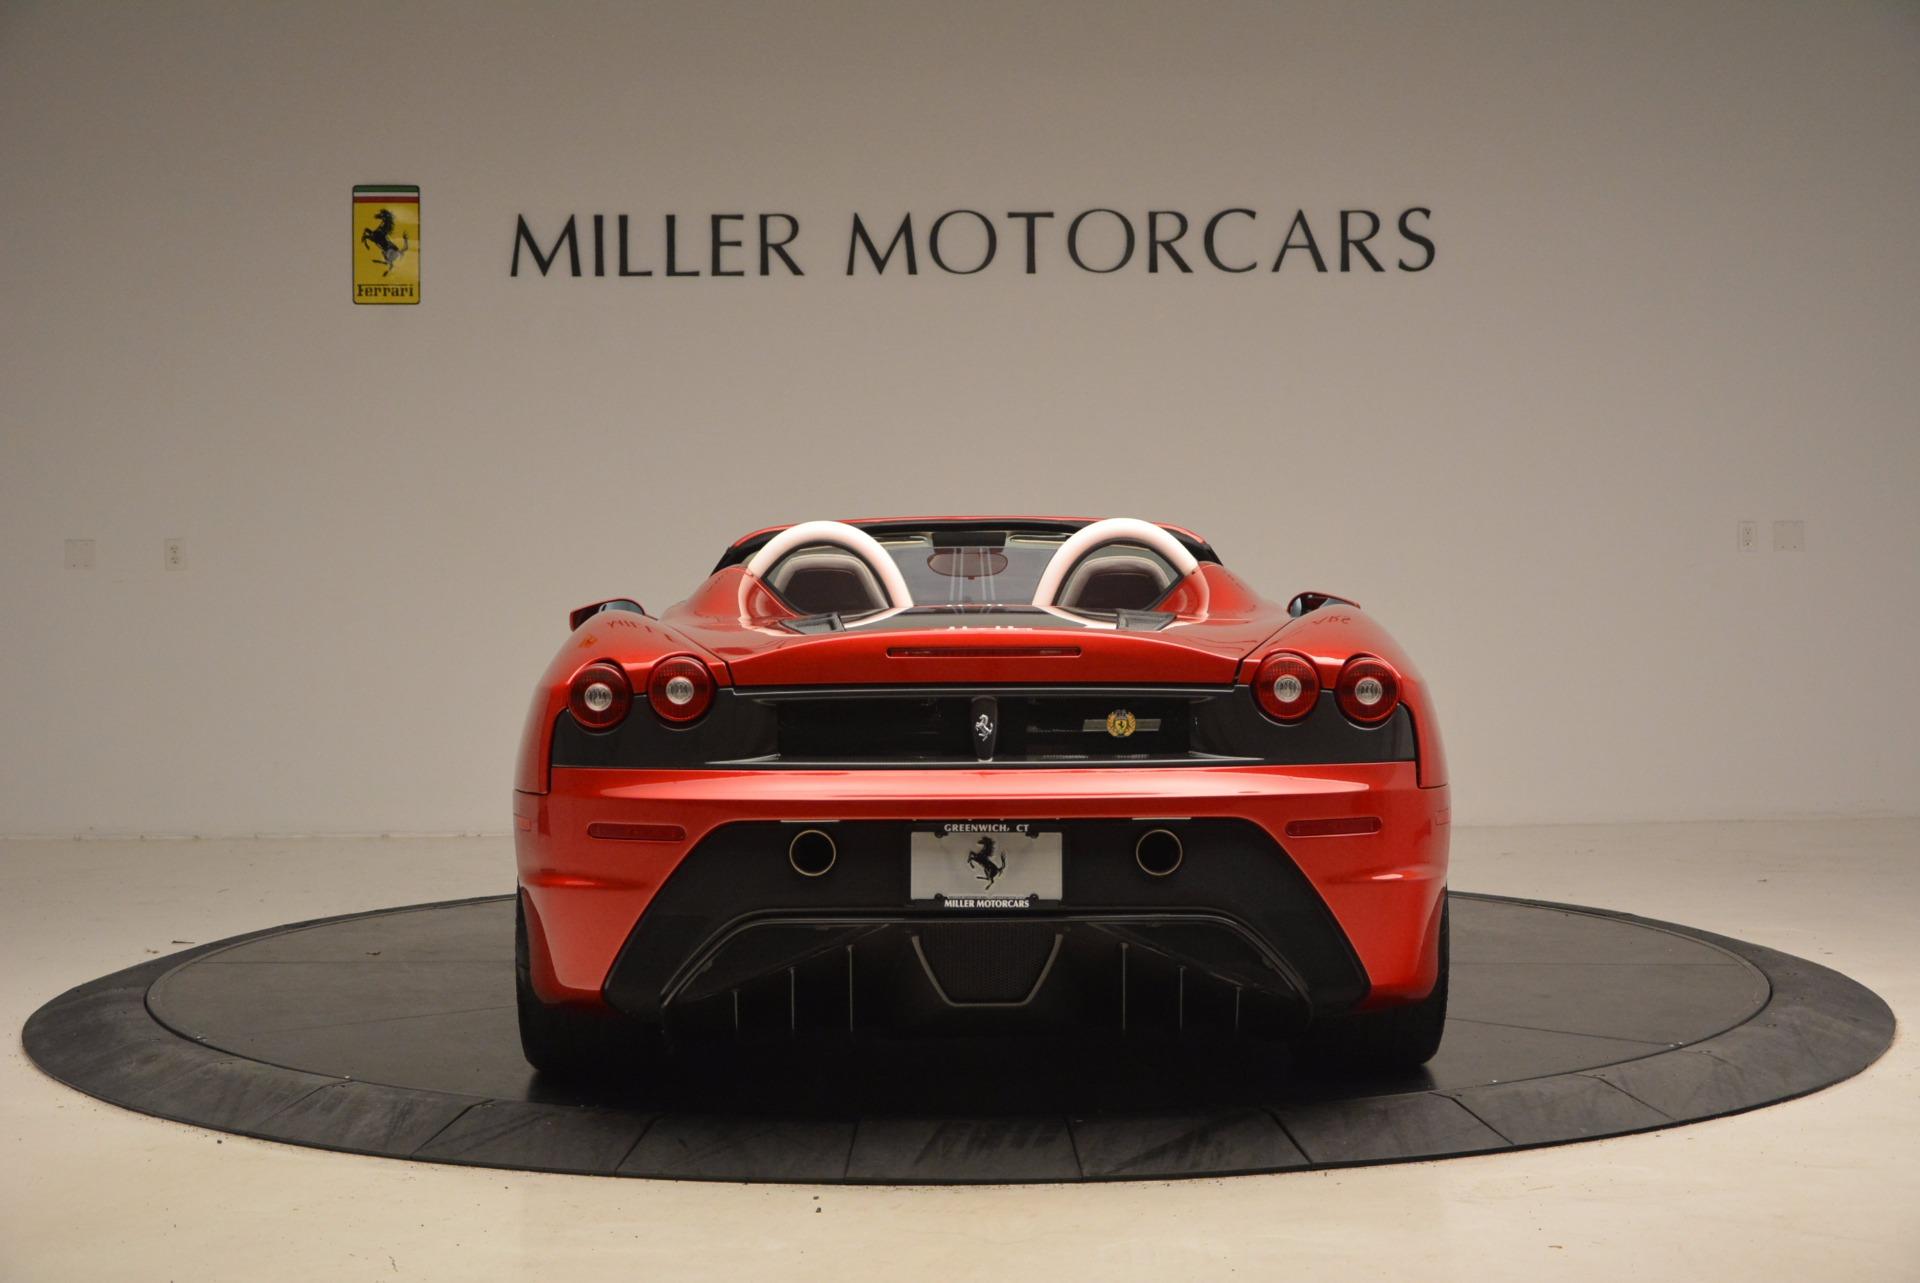 Used 2009 Ferrari F430 Scuderia 16M For Sale In Greenwich, CT. Alfa Romeo of Greenwich, 4404 1398_p6